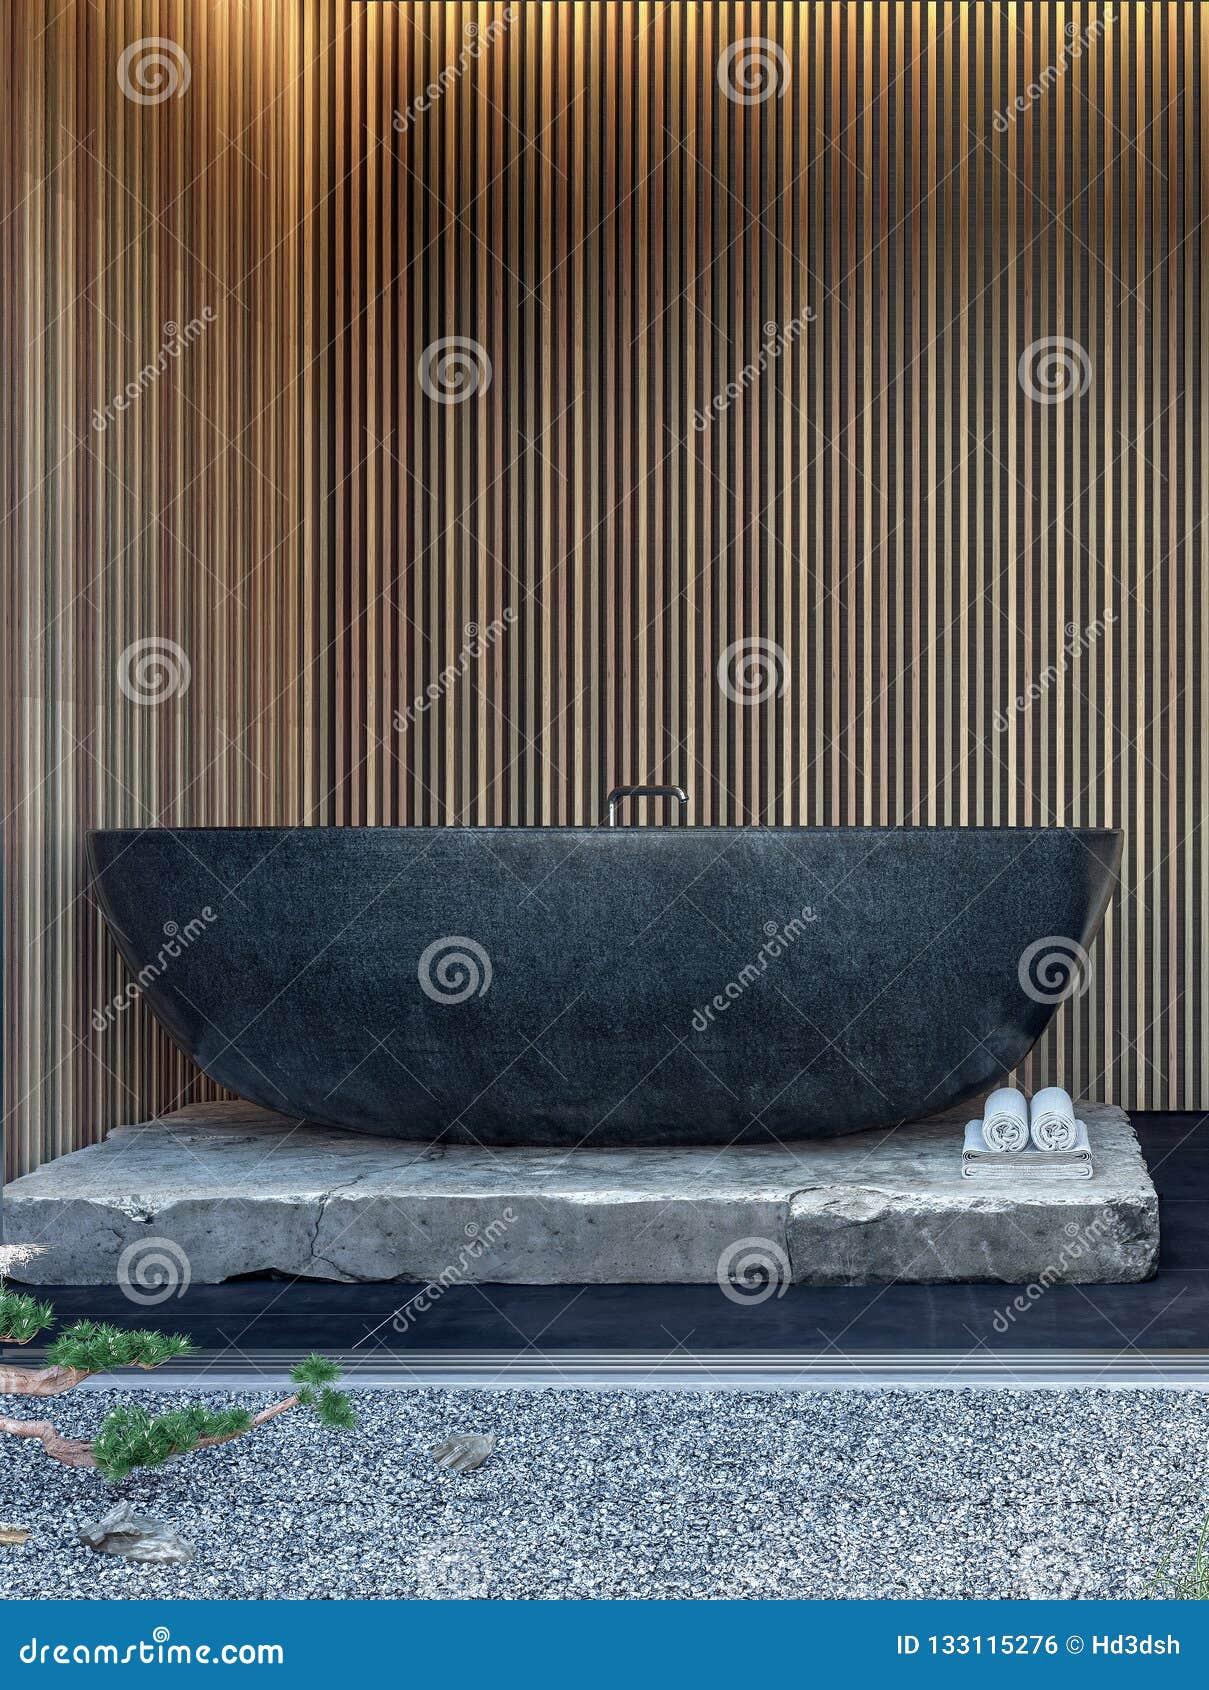 Conception intérieure moderne de salle de bains avec la baignoire de marbre noire et les panneaux de mur en bois